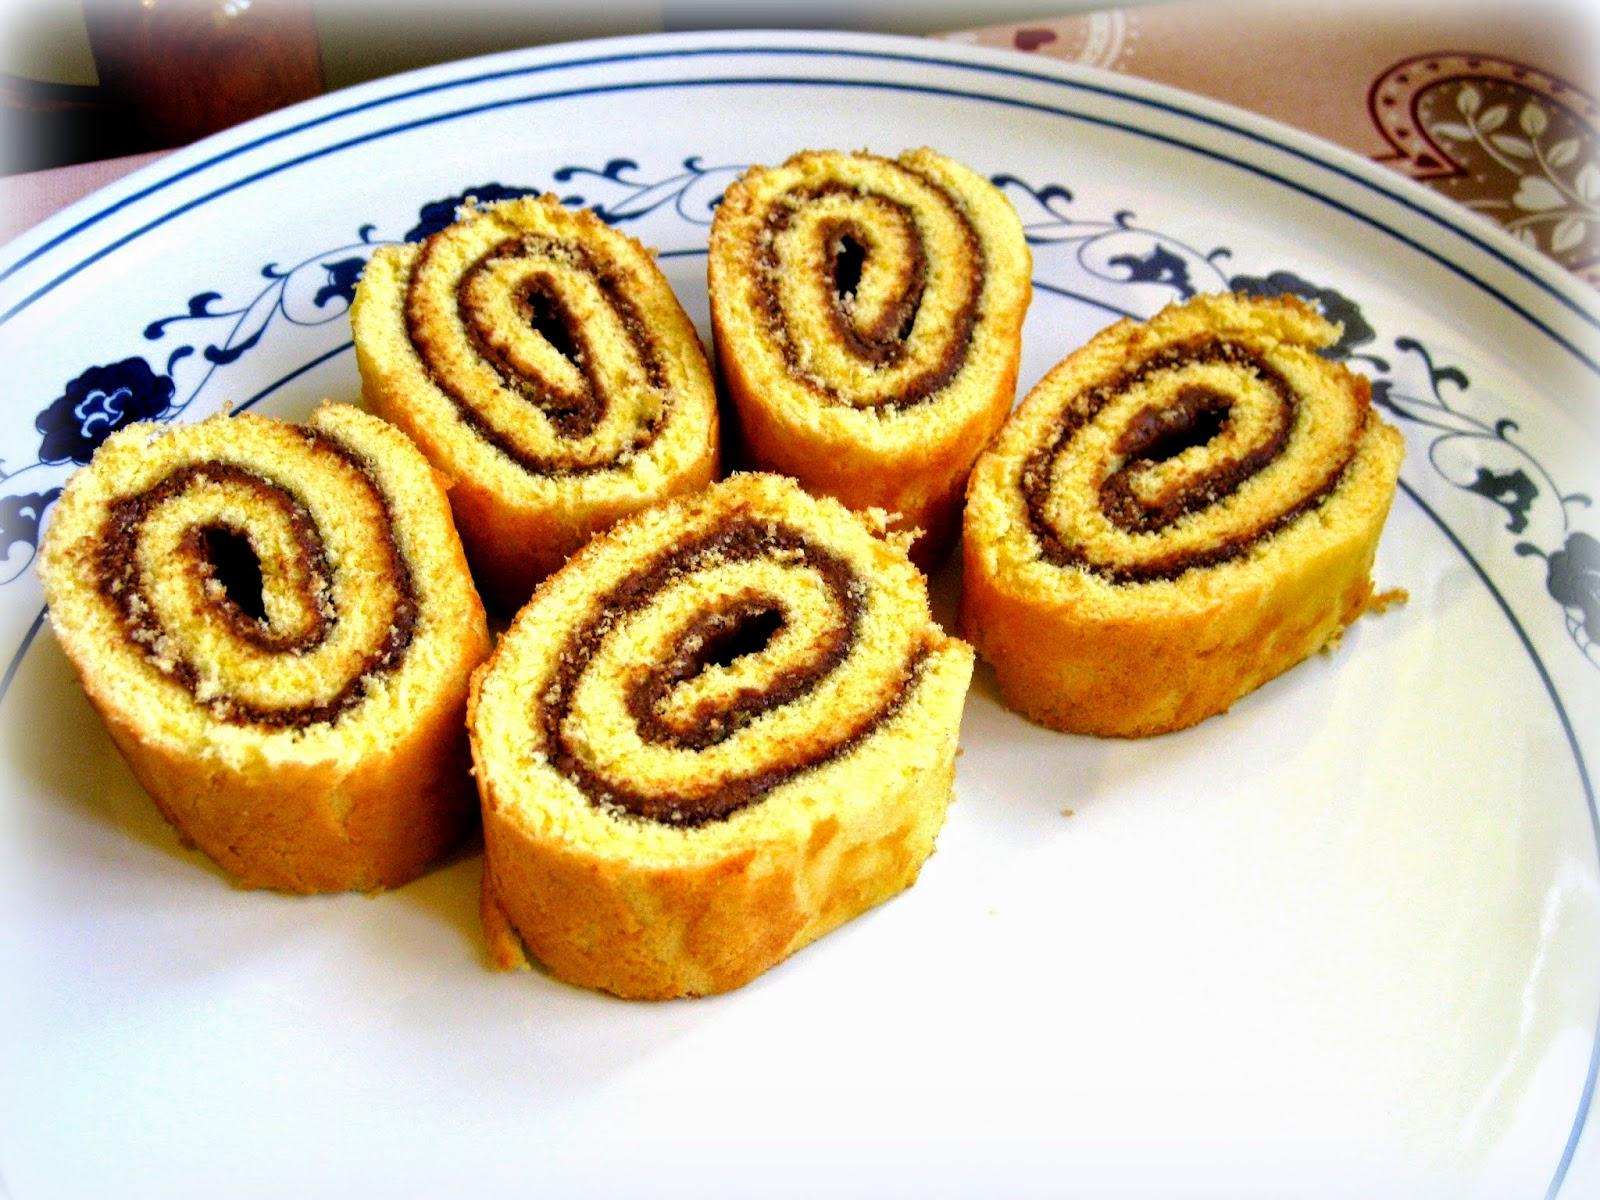 Rotolo Alla Nutella Meta Contentrotolo Alla Nutella Fragola E